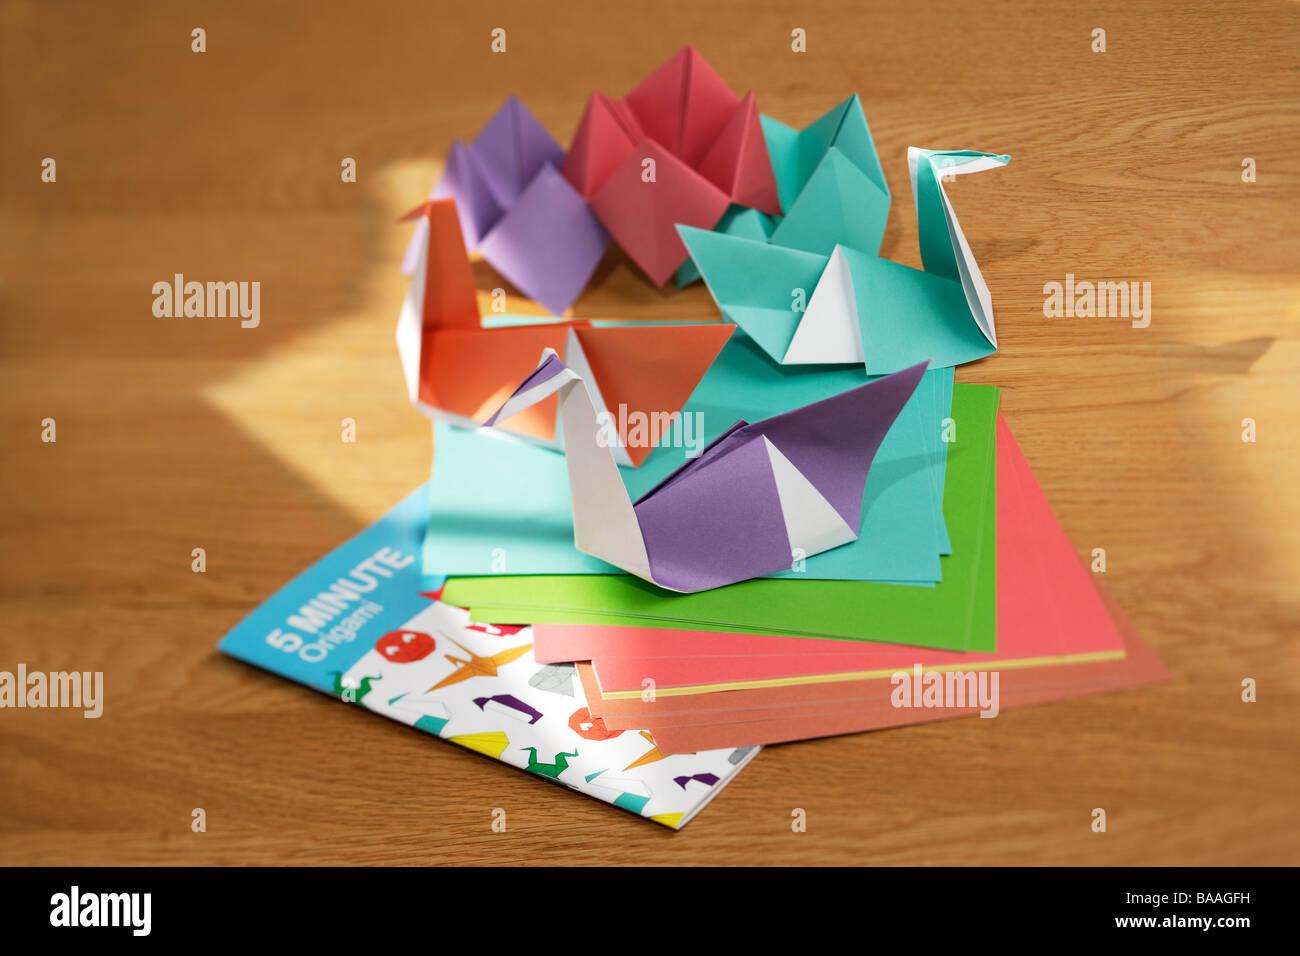 Origami Schwäne machen Dinge aus Papier Stockbild